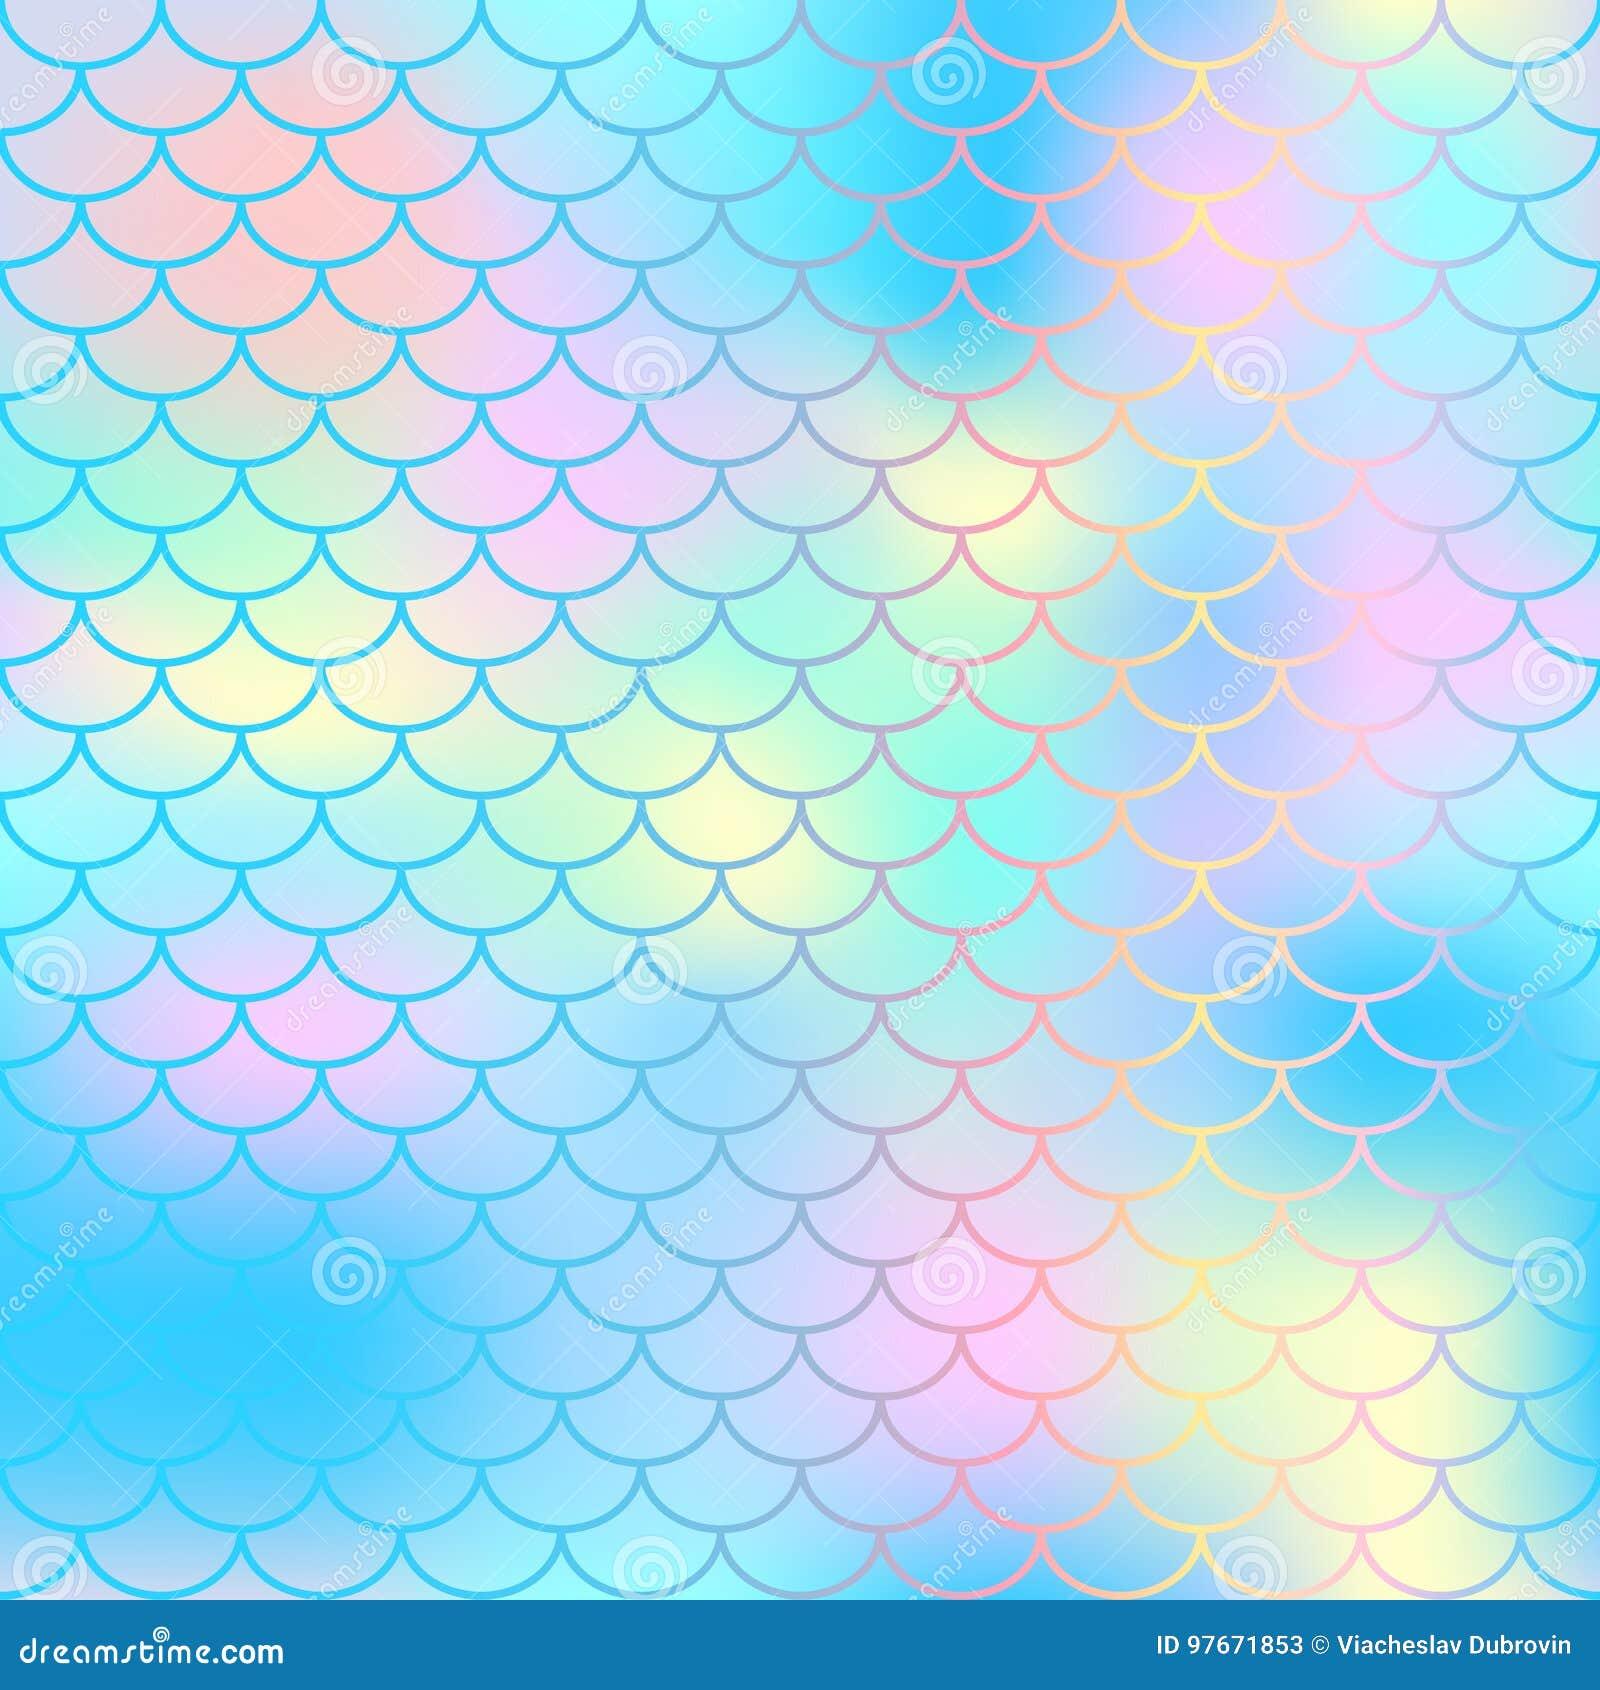 不可思议的美人鱼尾巴背景 与鱼鳞网的五颜六色的无缝的样式 蓝色桃红色美人鱼皮肤表面